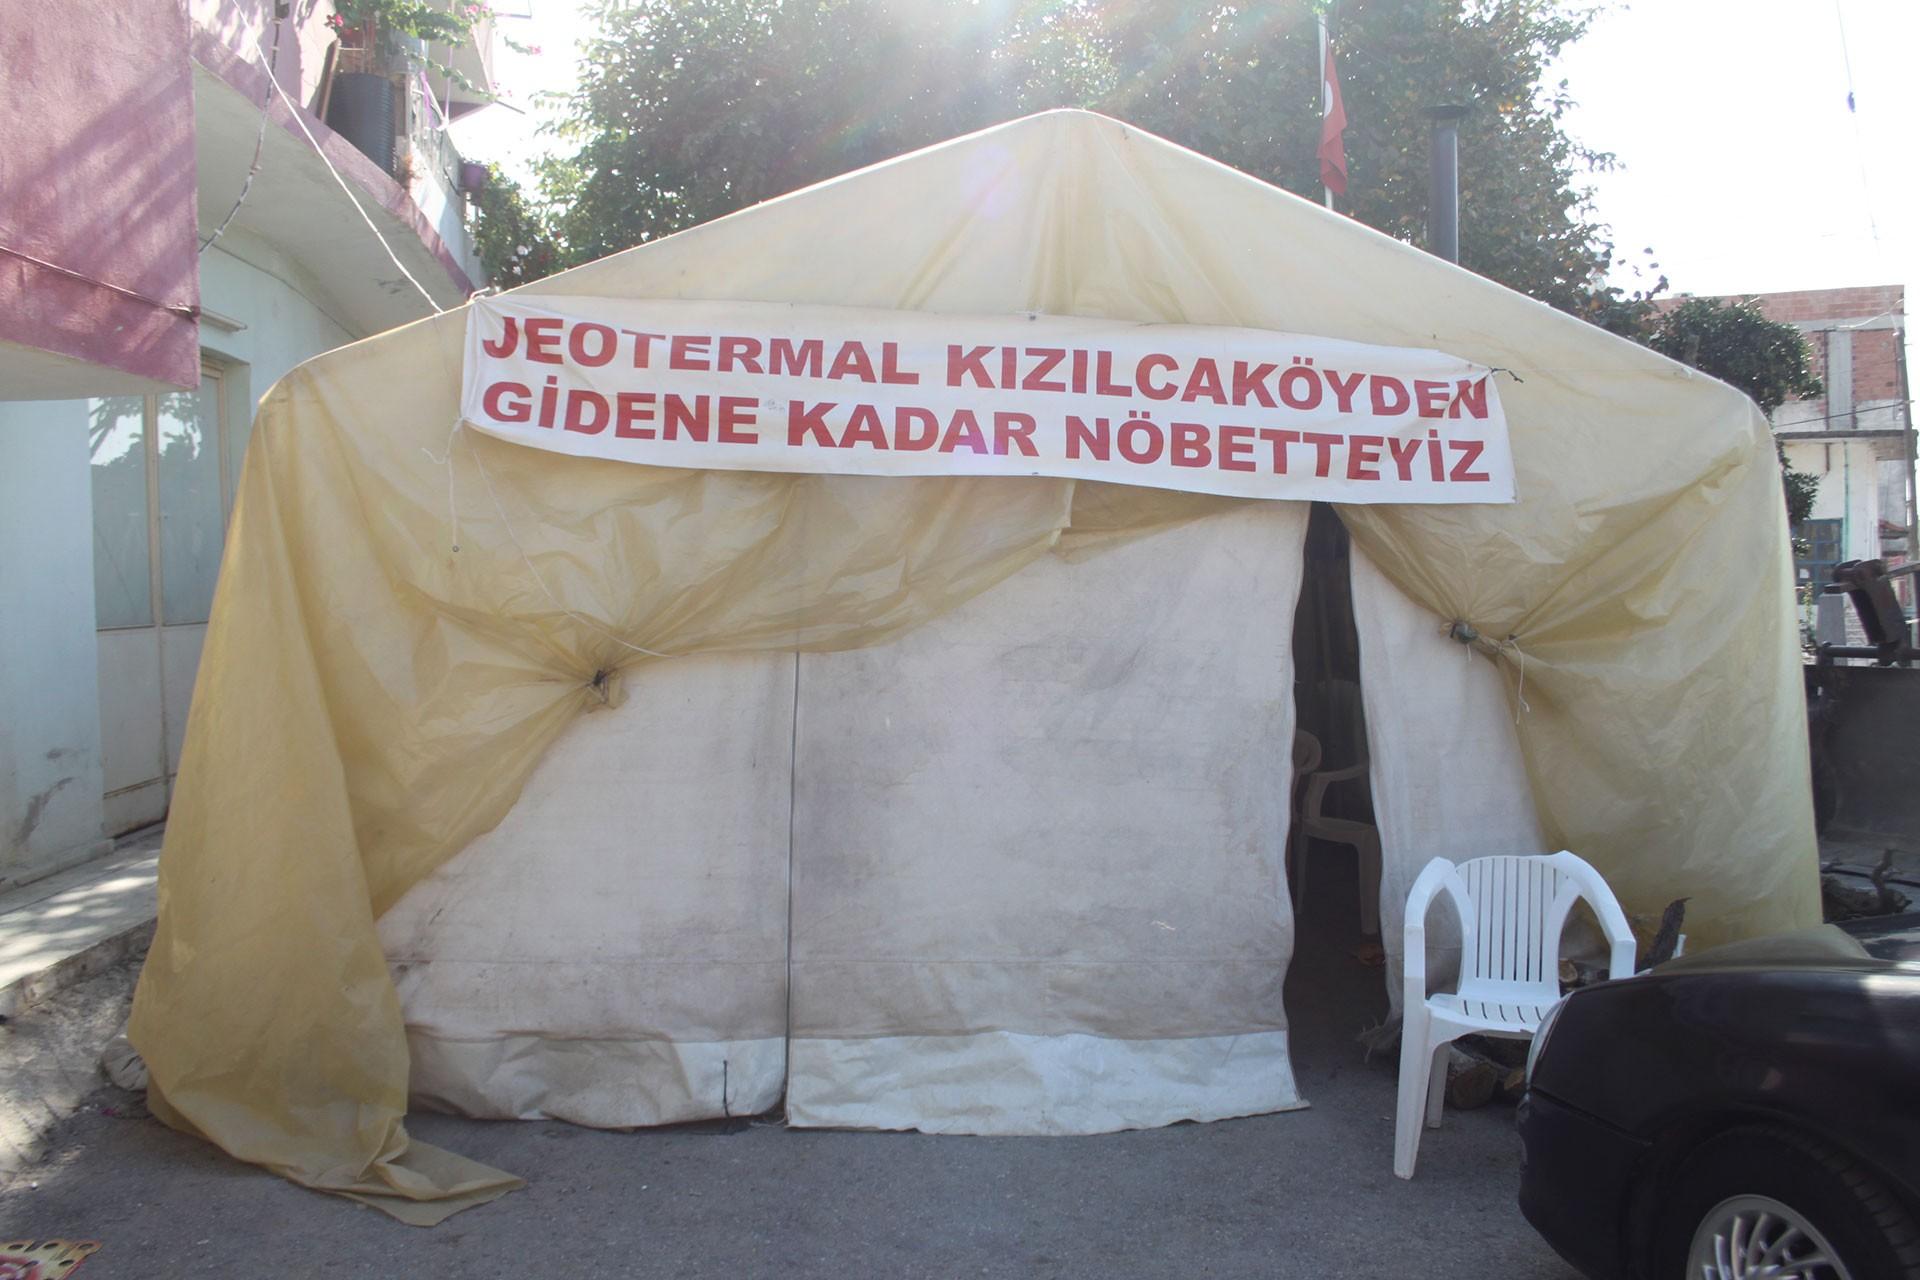 Kızılcaköy'de köylülerin JES'e karşı kurduğu çadır